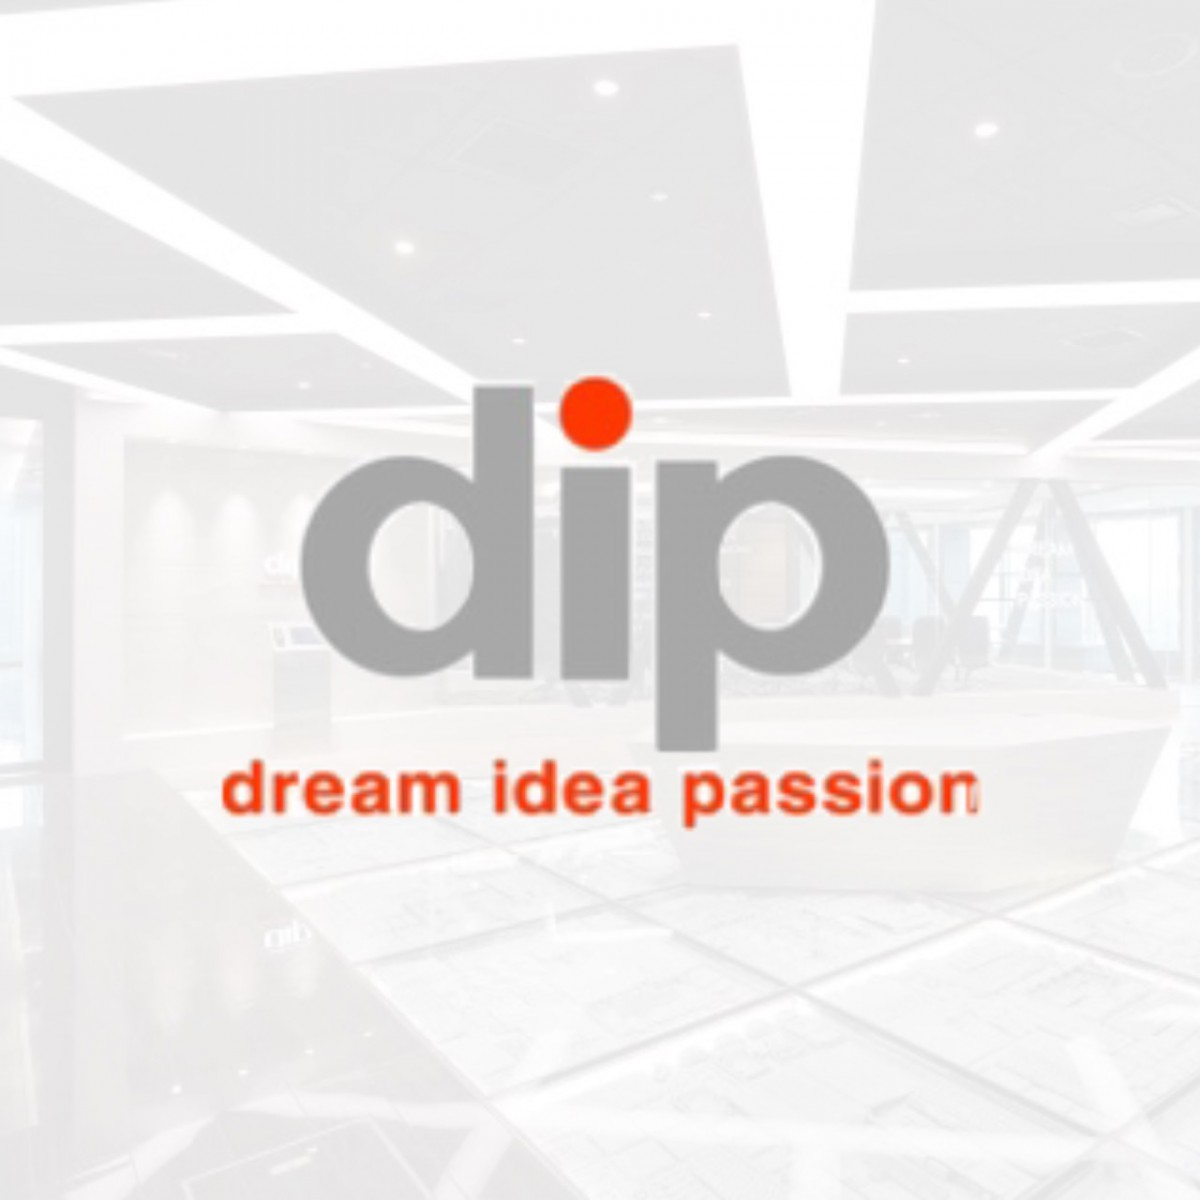 【福岡オフィス】dip株式会社とオンラインイベントを開催しました!